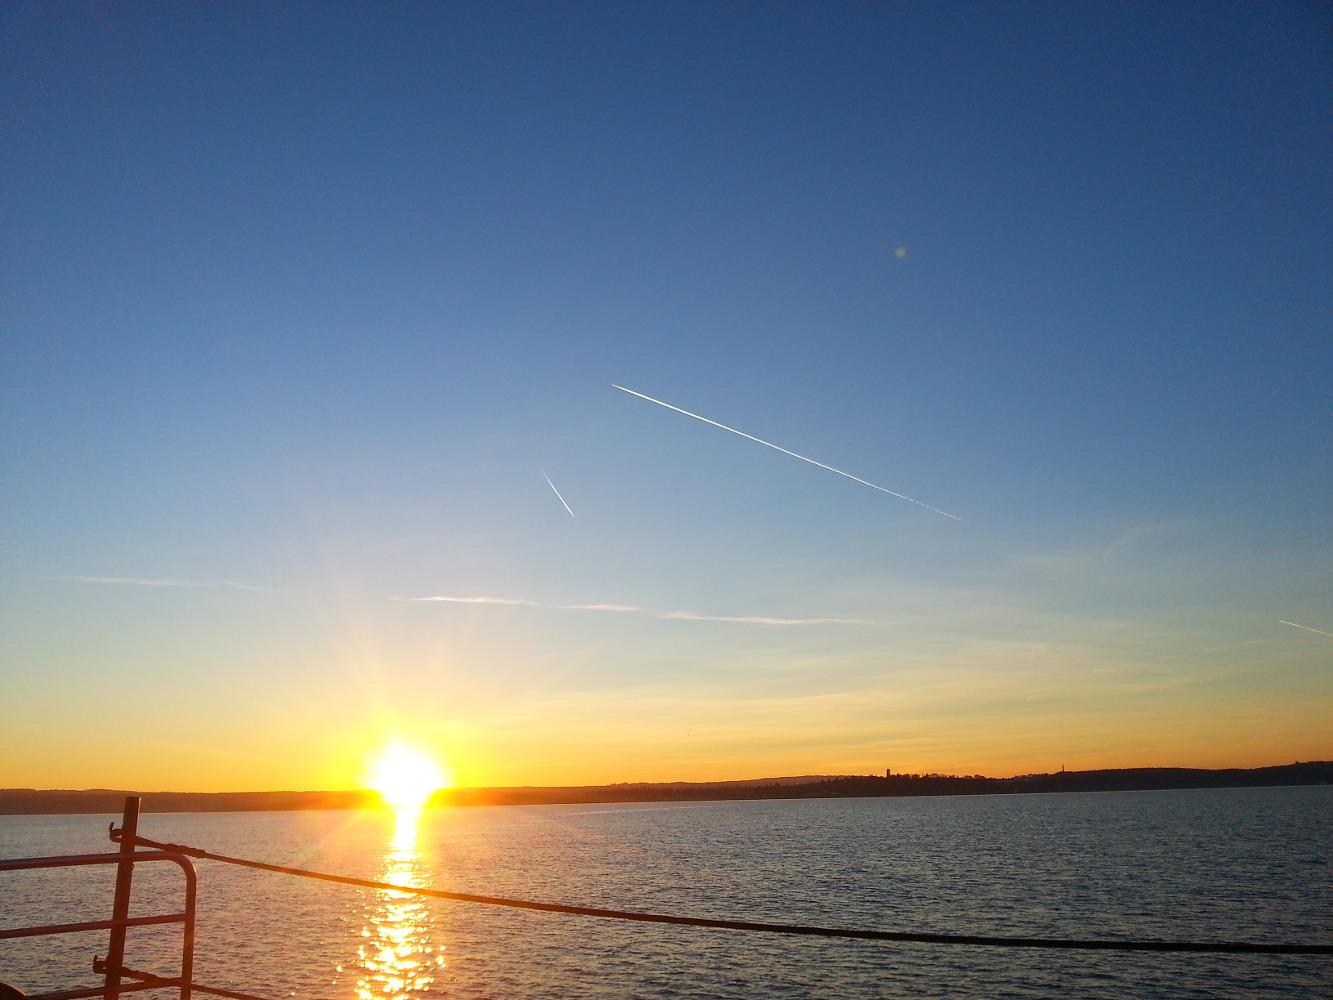 Sonnenuntergang am Bodensee - Fähre Meersburg nach Konstanz